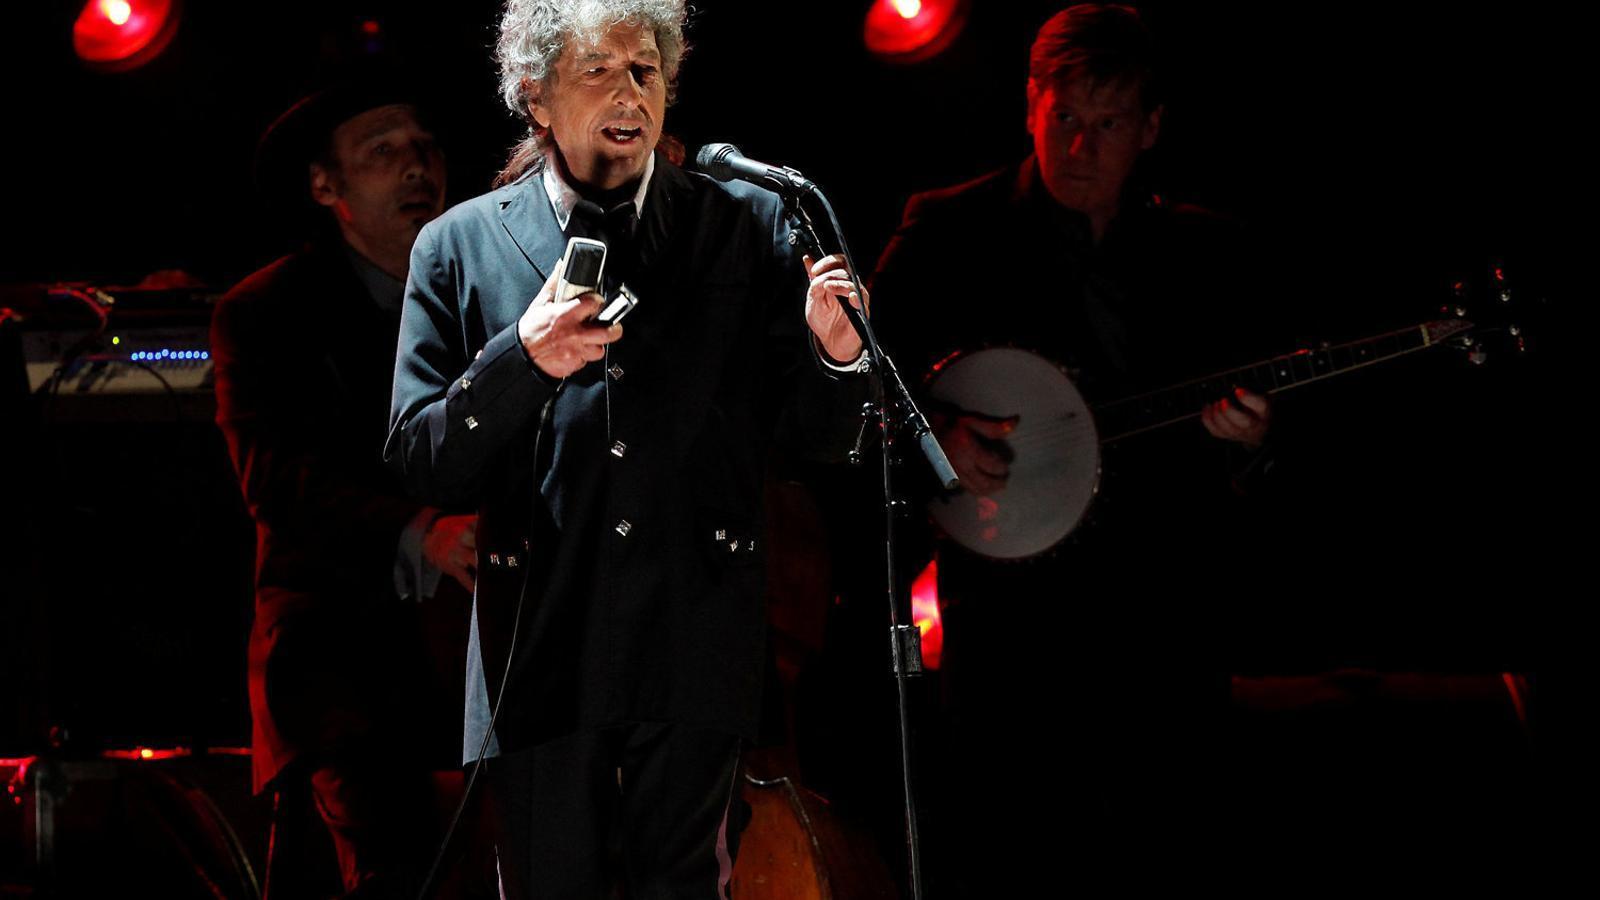 Bob Dylan estira el fil del gran cançoner nord-americà